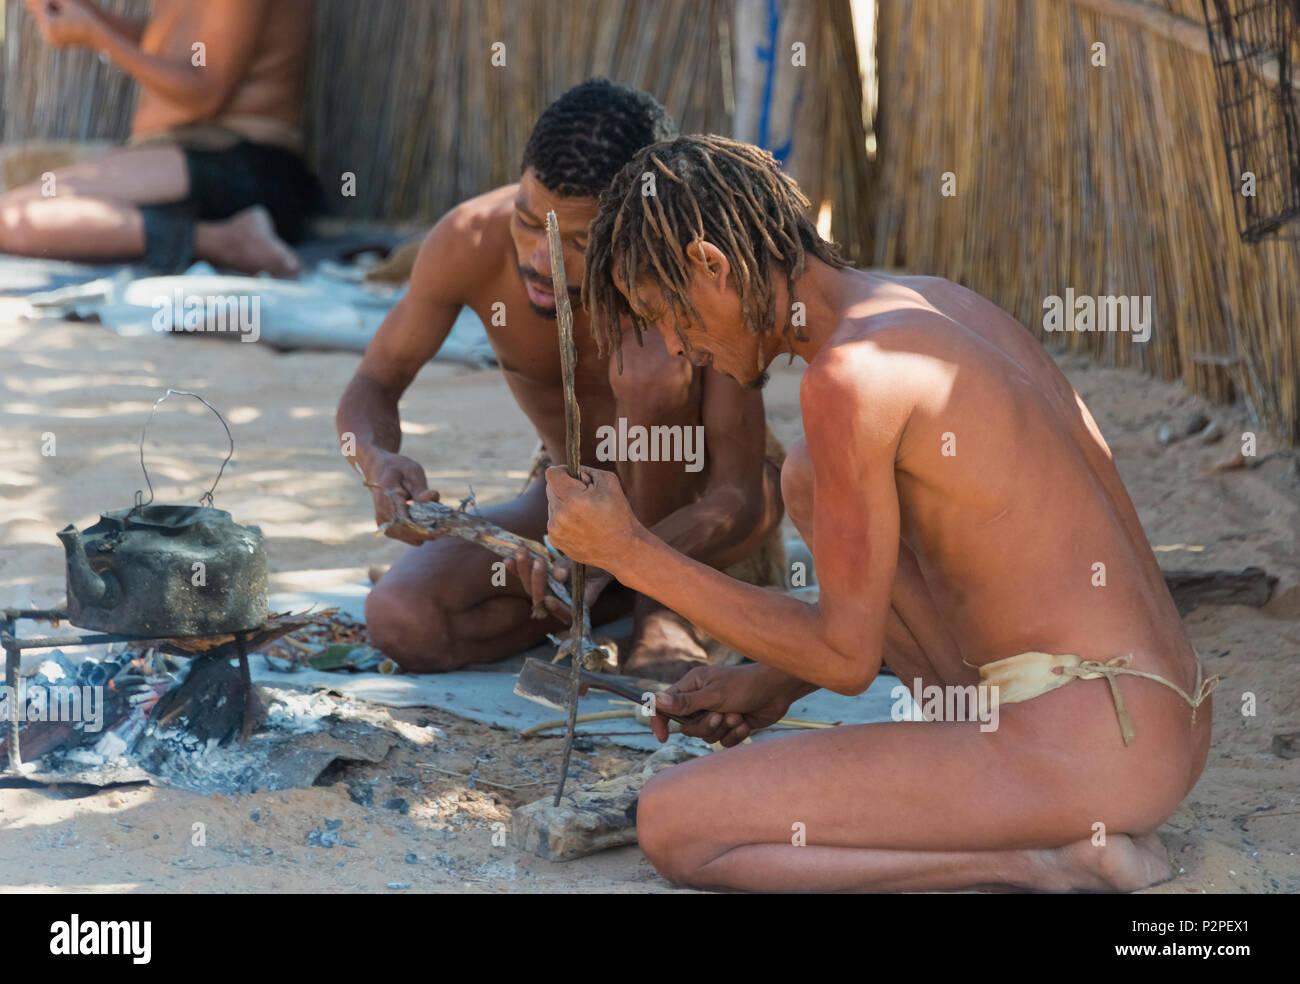 Bushman utilizando huesos de animales para hacer joyas en la aldea, el Parque Transfronterizo Kgalagadi, Sudáfrica Imagen De Stock